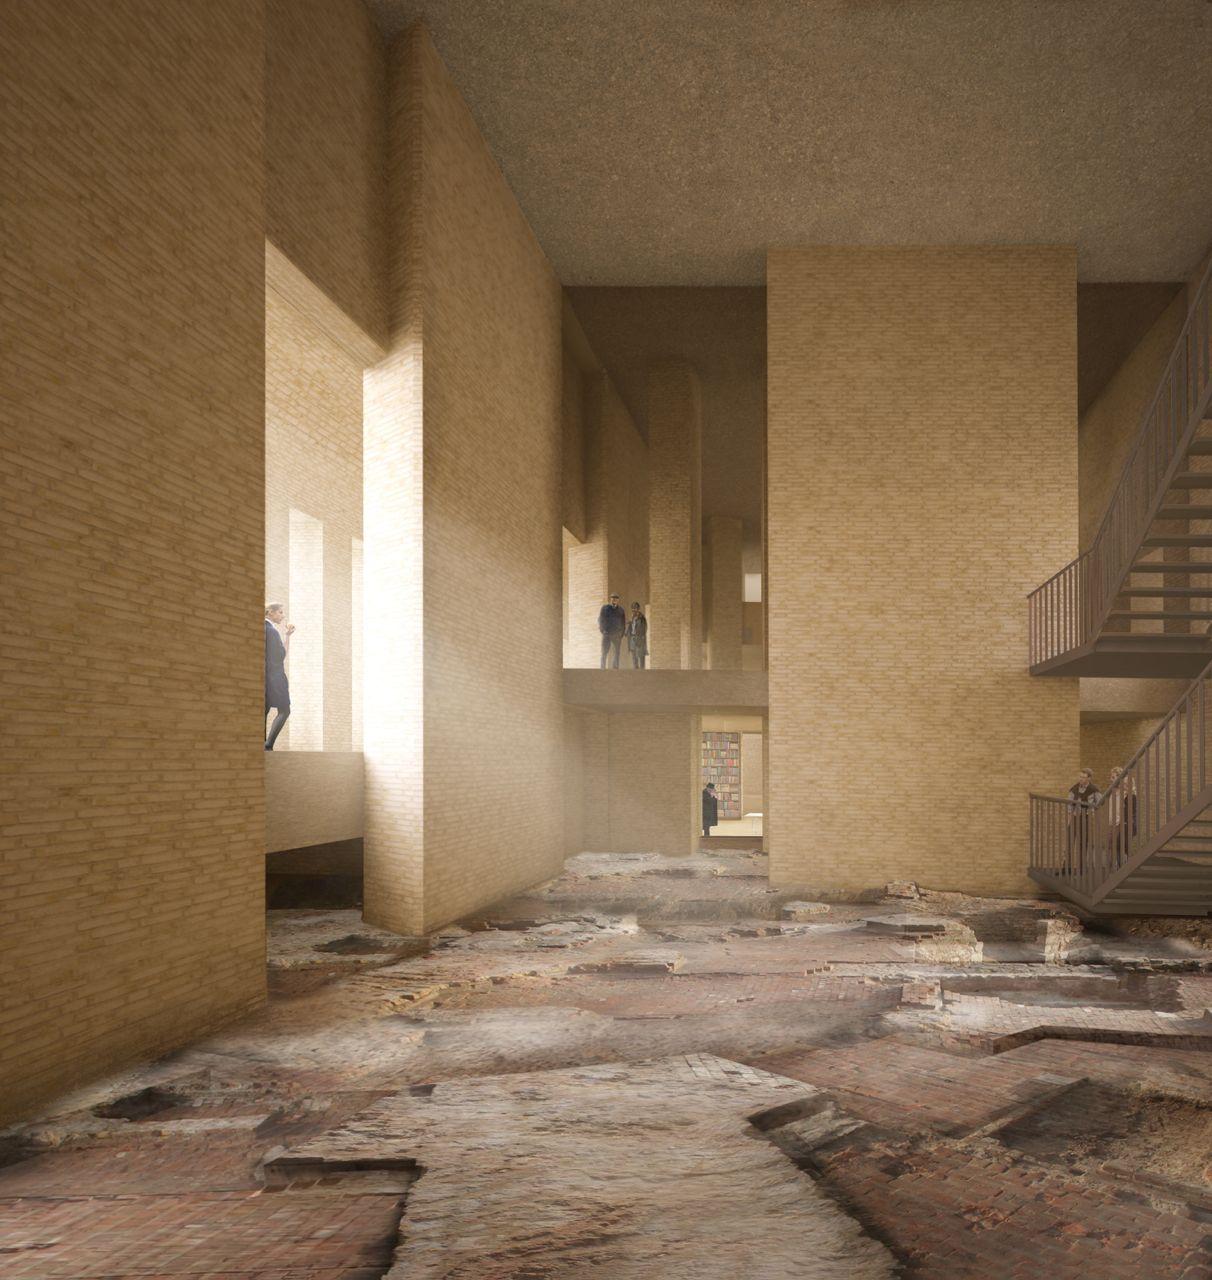 Archäologisches Feld im House of One: auf den Fundamenten der Petrikirche solle es gebaut werden (Visualisierung Kuehn Malvezzi Architekten, Berlin)